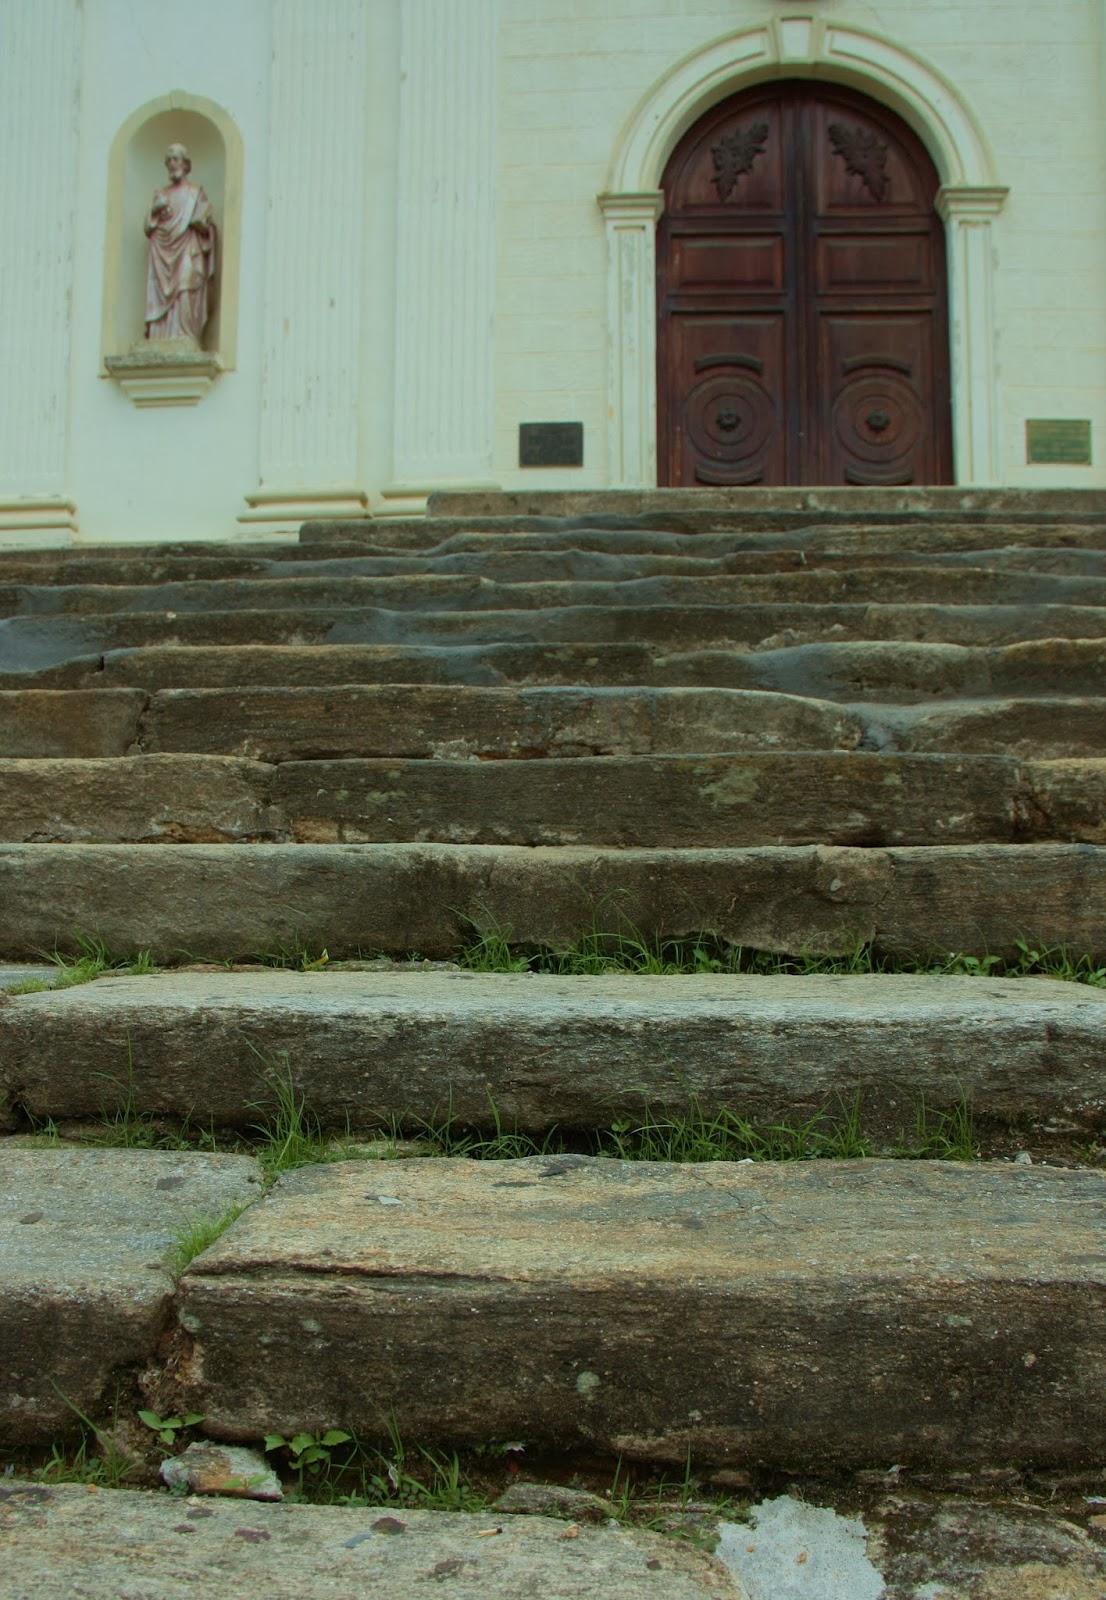 Igreja da Matriz no Centro Histórico de São Luiz do Paraitinga, antes da enchente de 2010.